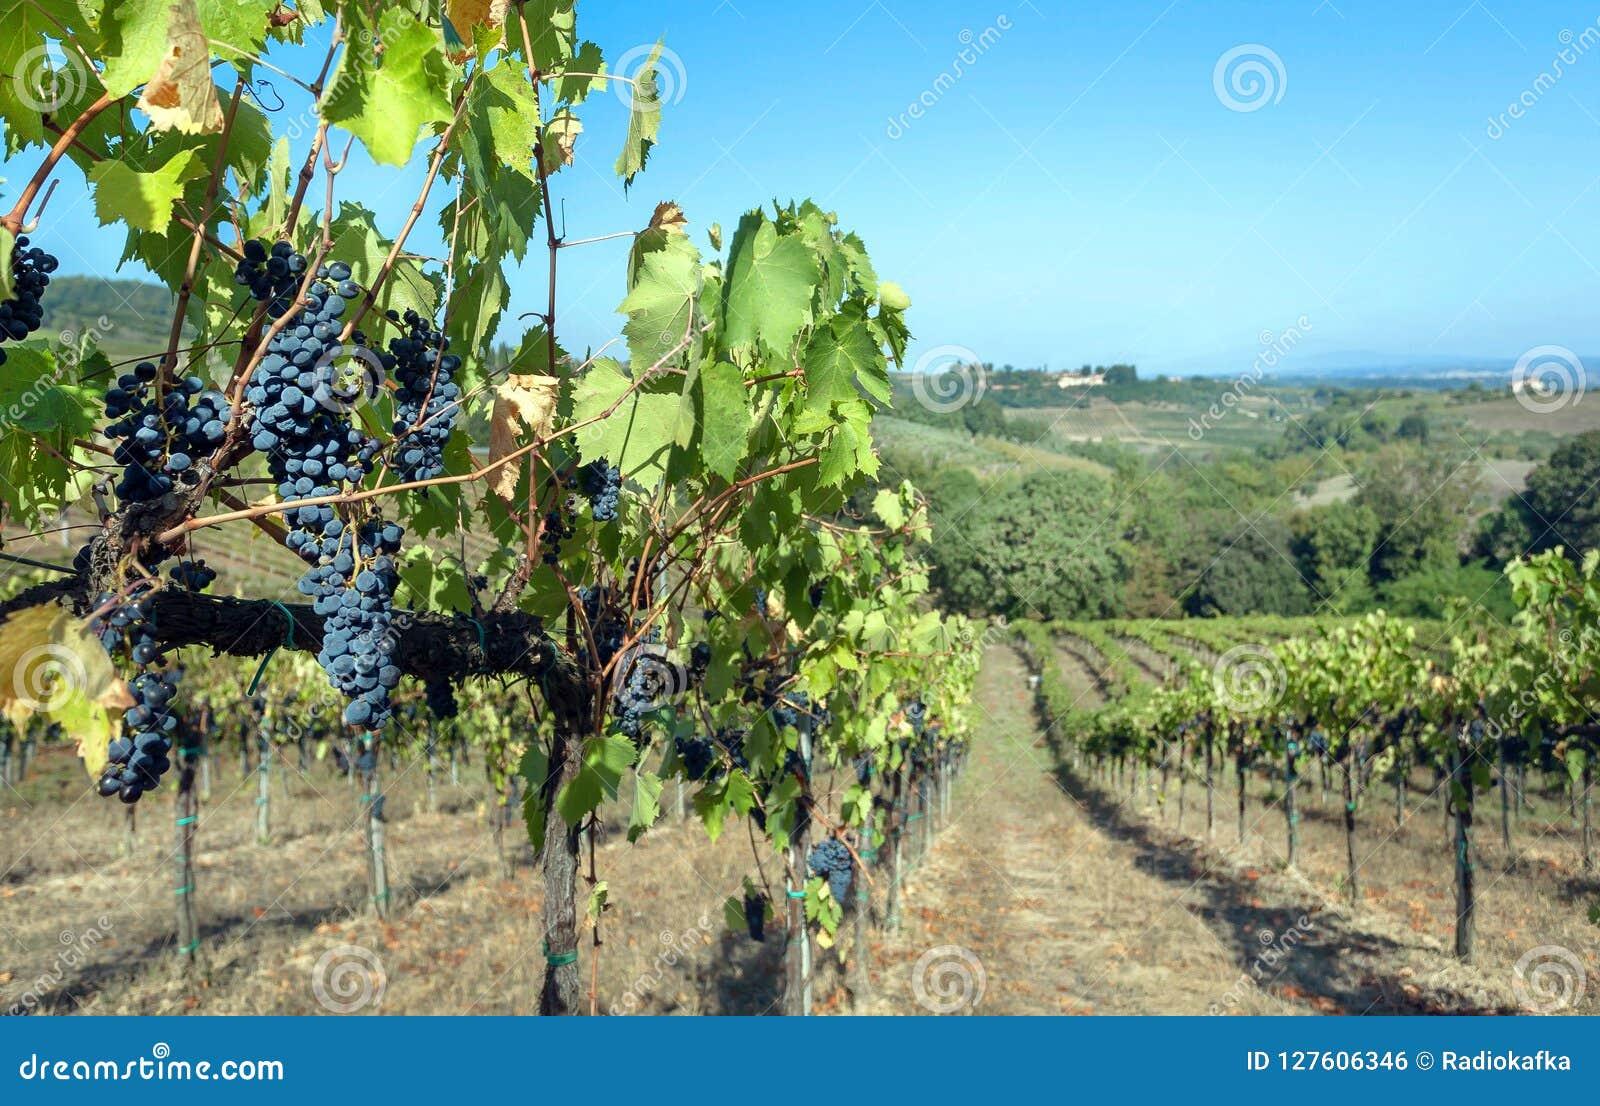 Błękitna winorośl w wineyard Kolorowy winnicy krajobraz w Włochy Winnica wiosłuje przy Tuscany w jesieni żniwa czasie